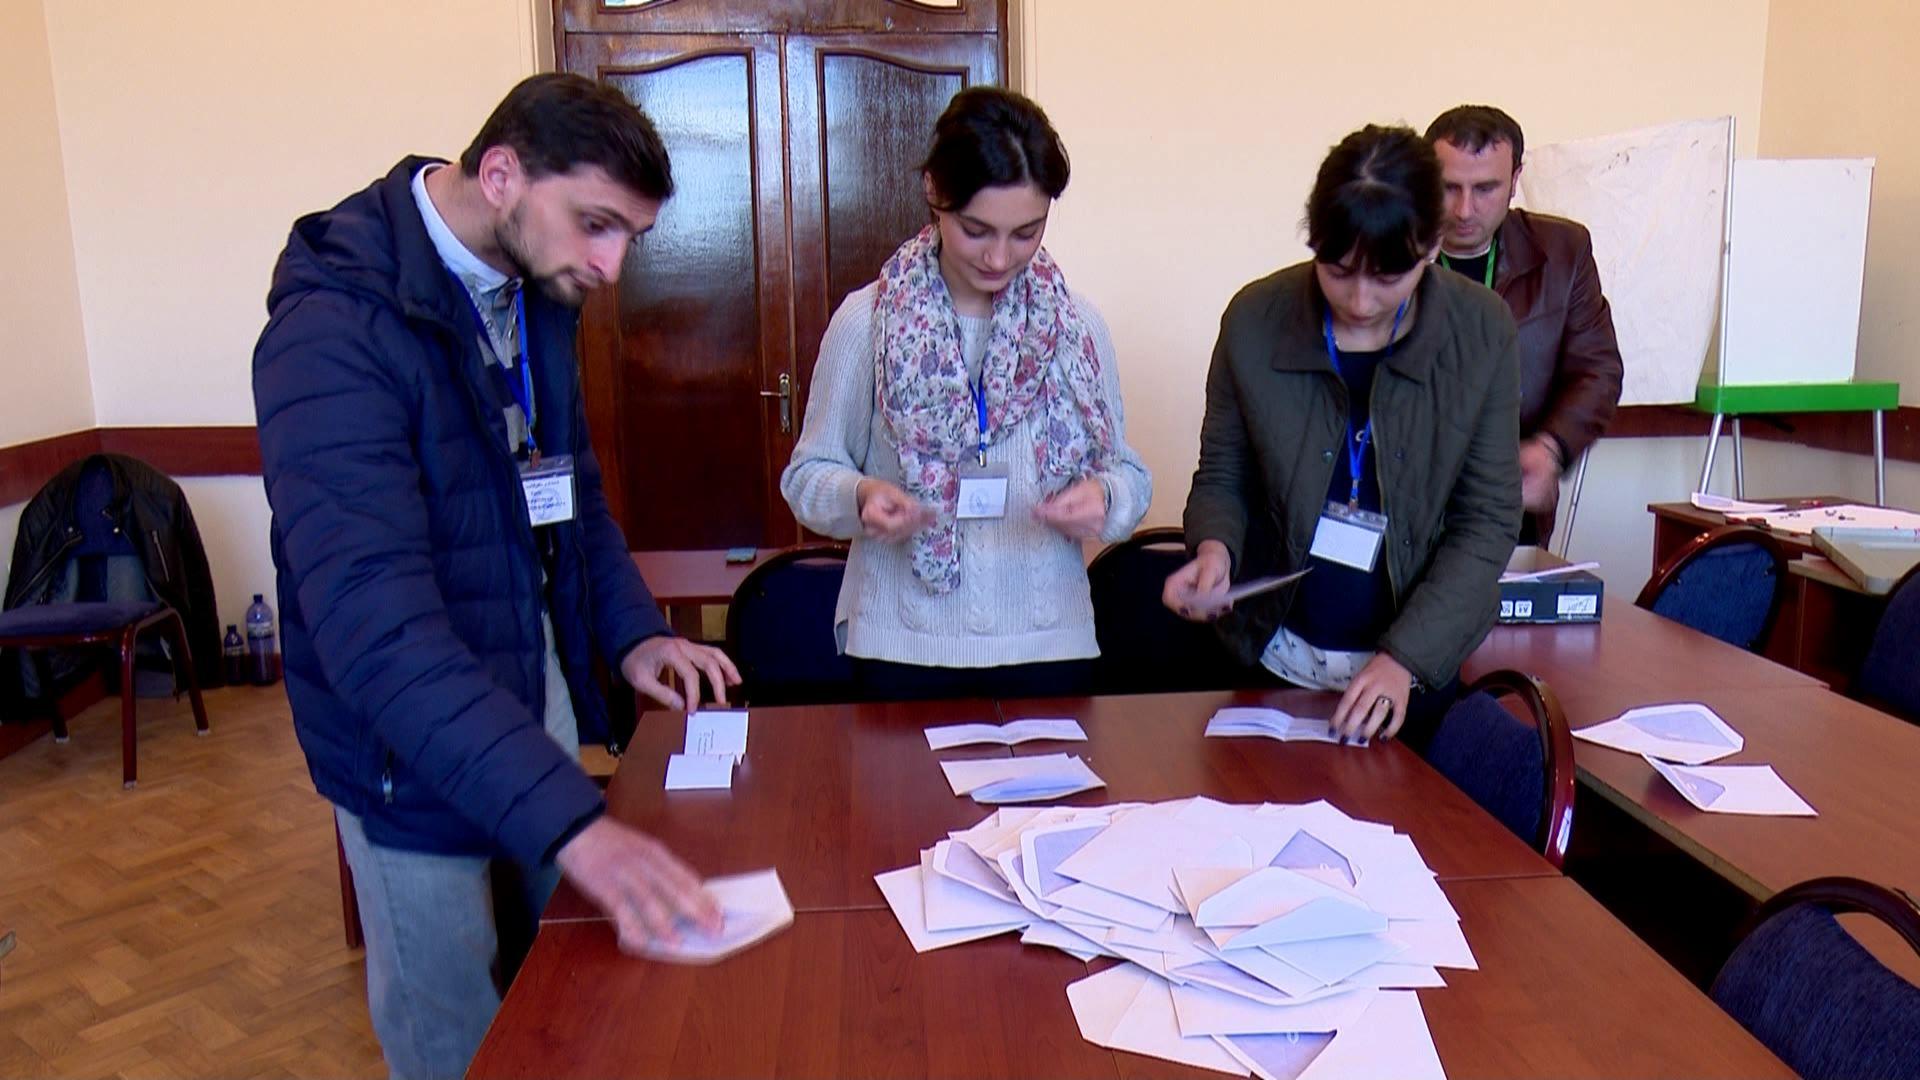 ბსუ-ს სტუდენტური თვითმმართველობის თავმჯდომარე ირაკლი კოჩალიძე გახდა